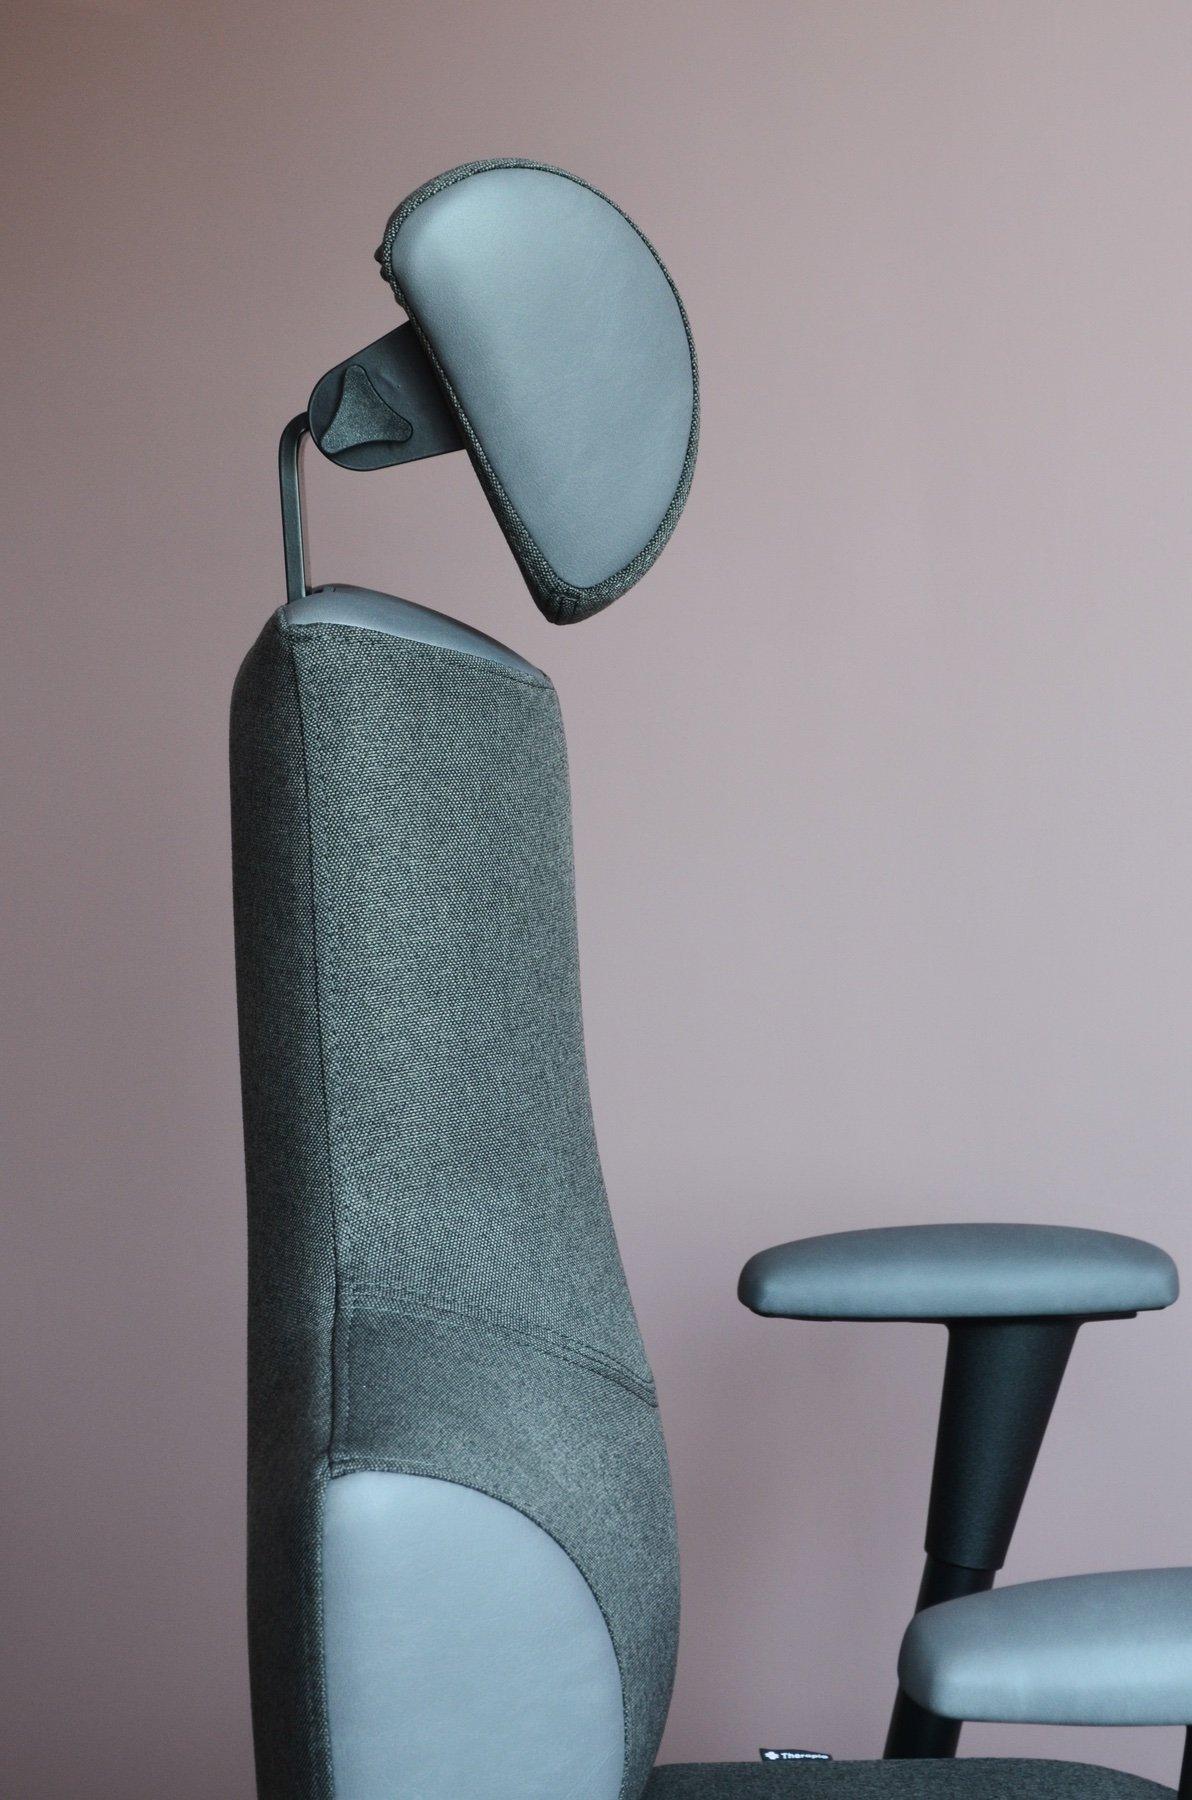 Boční pohled na zádovou opěru židle Therapia Sense